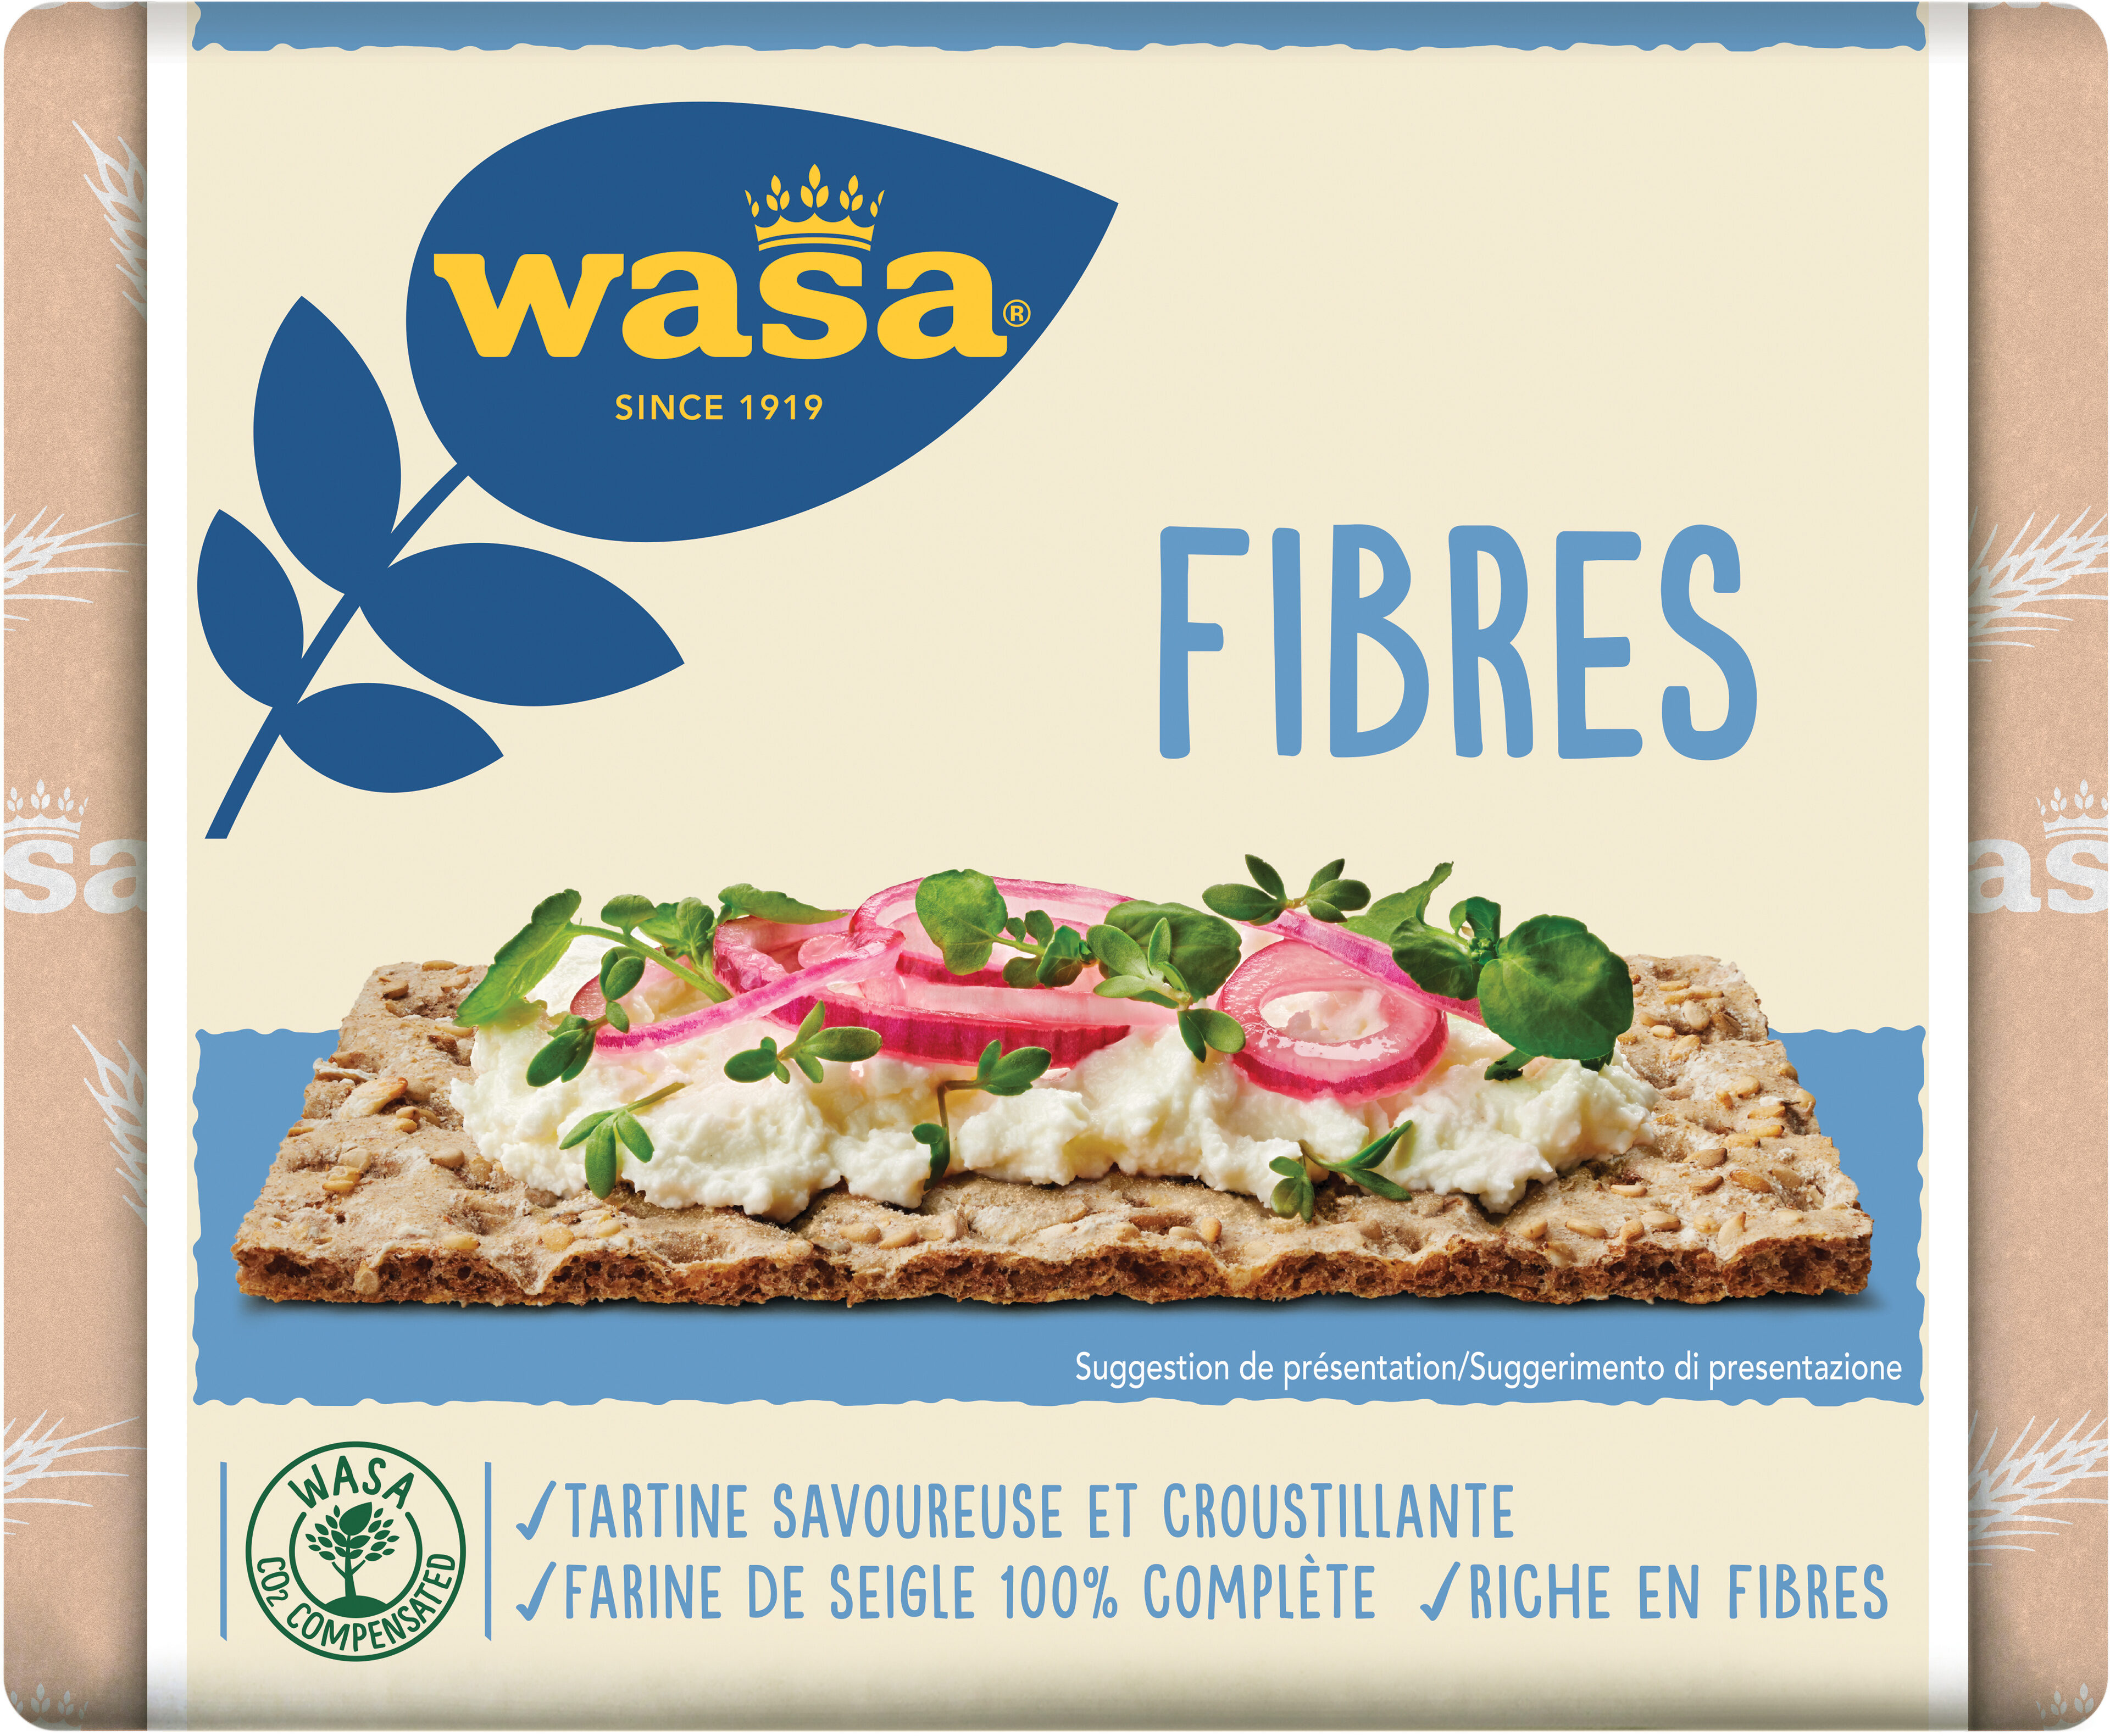 Wasa tartine croustillante fibres - Produit - fr